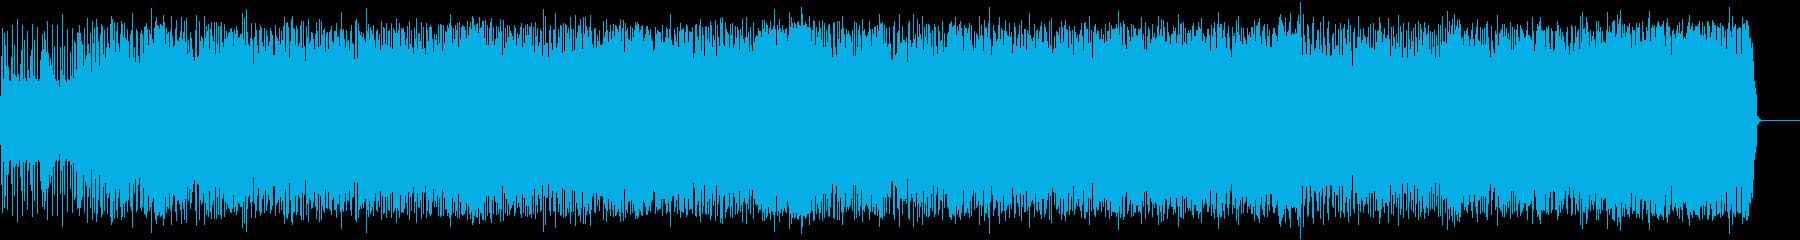 若さ溢れるアメリカン・ロック/ポップの再生済みの波形